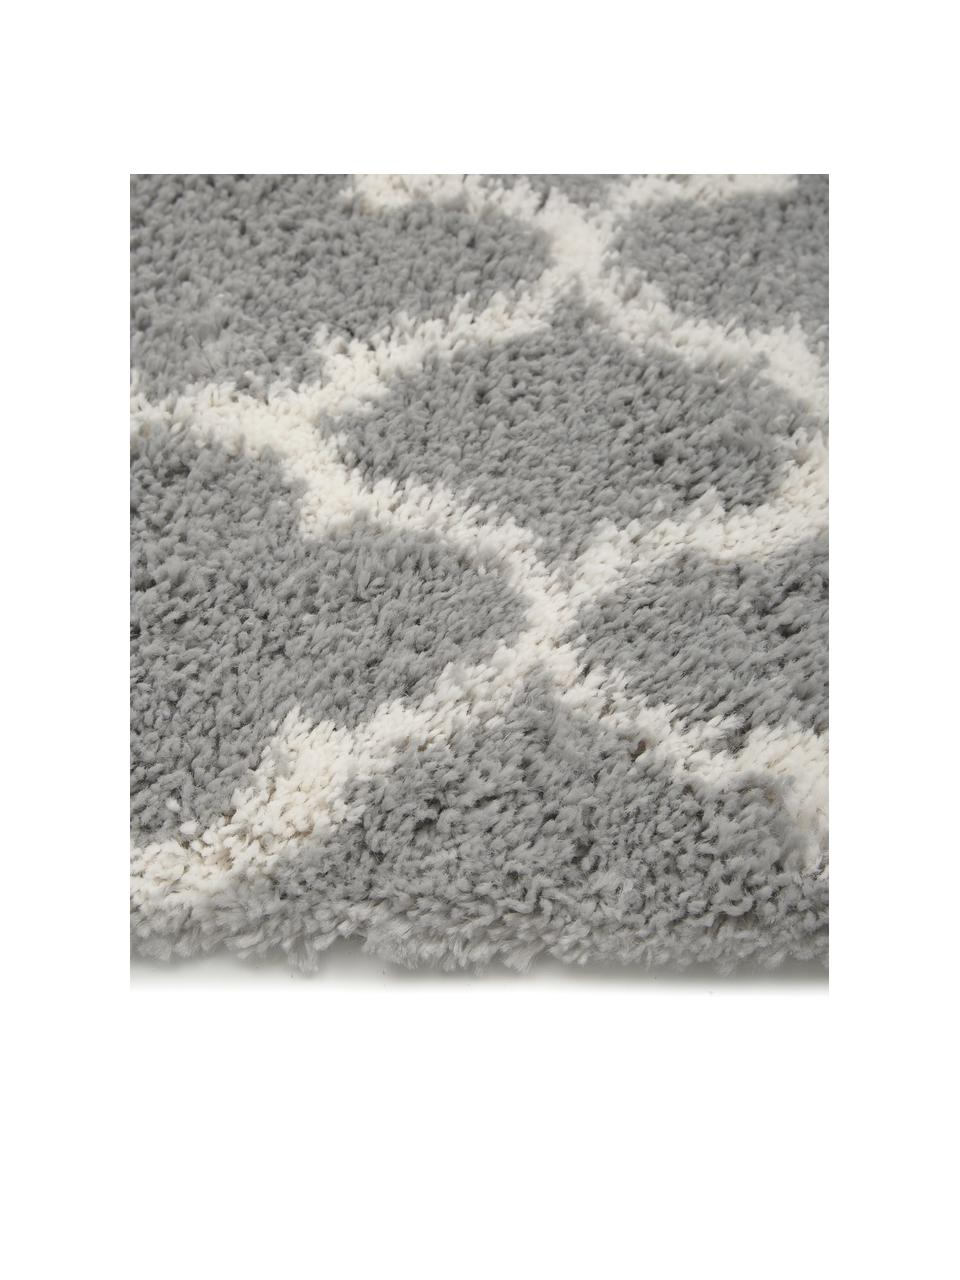 Tappeto a pelo lungo grigio/crema Mona, Retro: 78% juta, 14% cotone, 8% , Grigio, bianco crema, Larg. 300 x Lung. 400 cm (taglia XL)